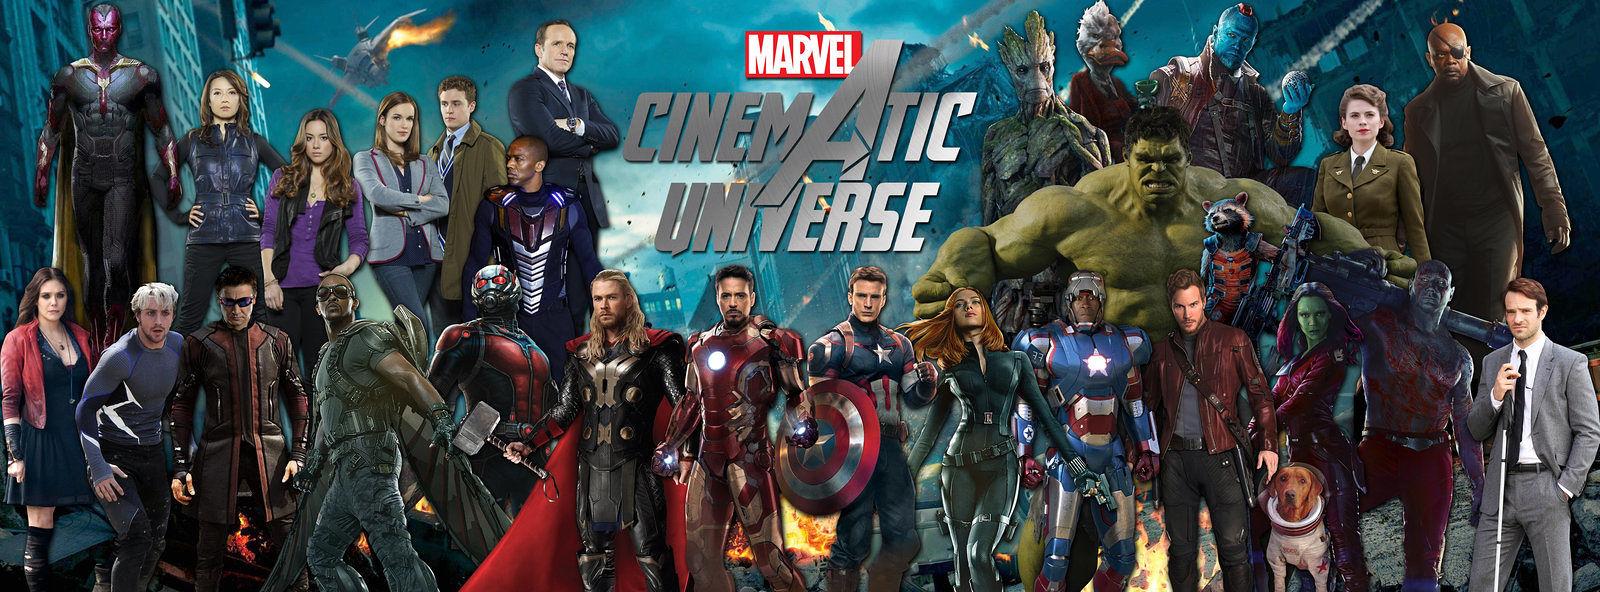 marvel-will-mehr-wert-auf-3d-bei-filmen-legen-fan-art-cinematic-uni-